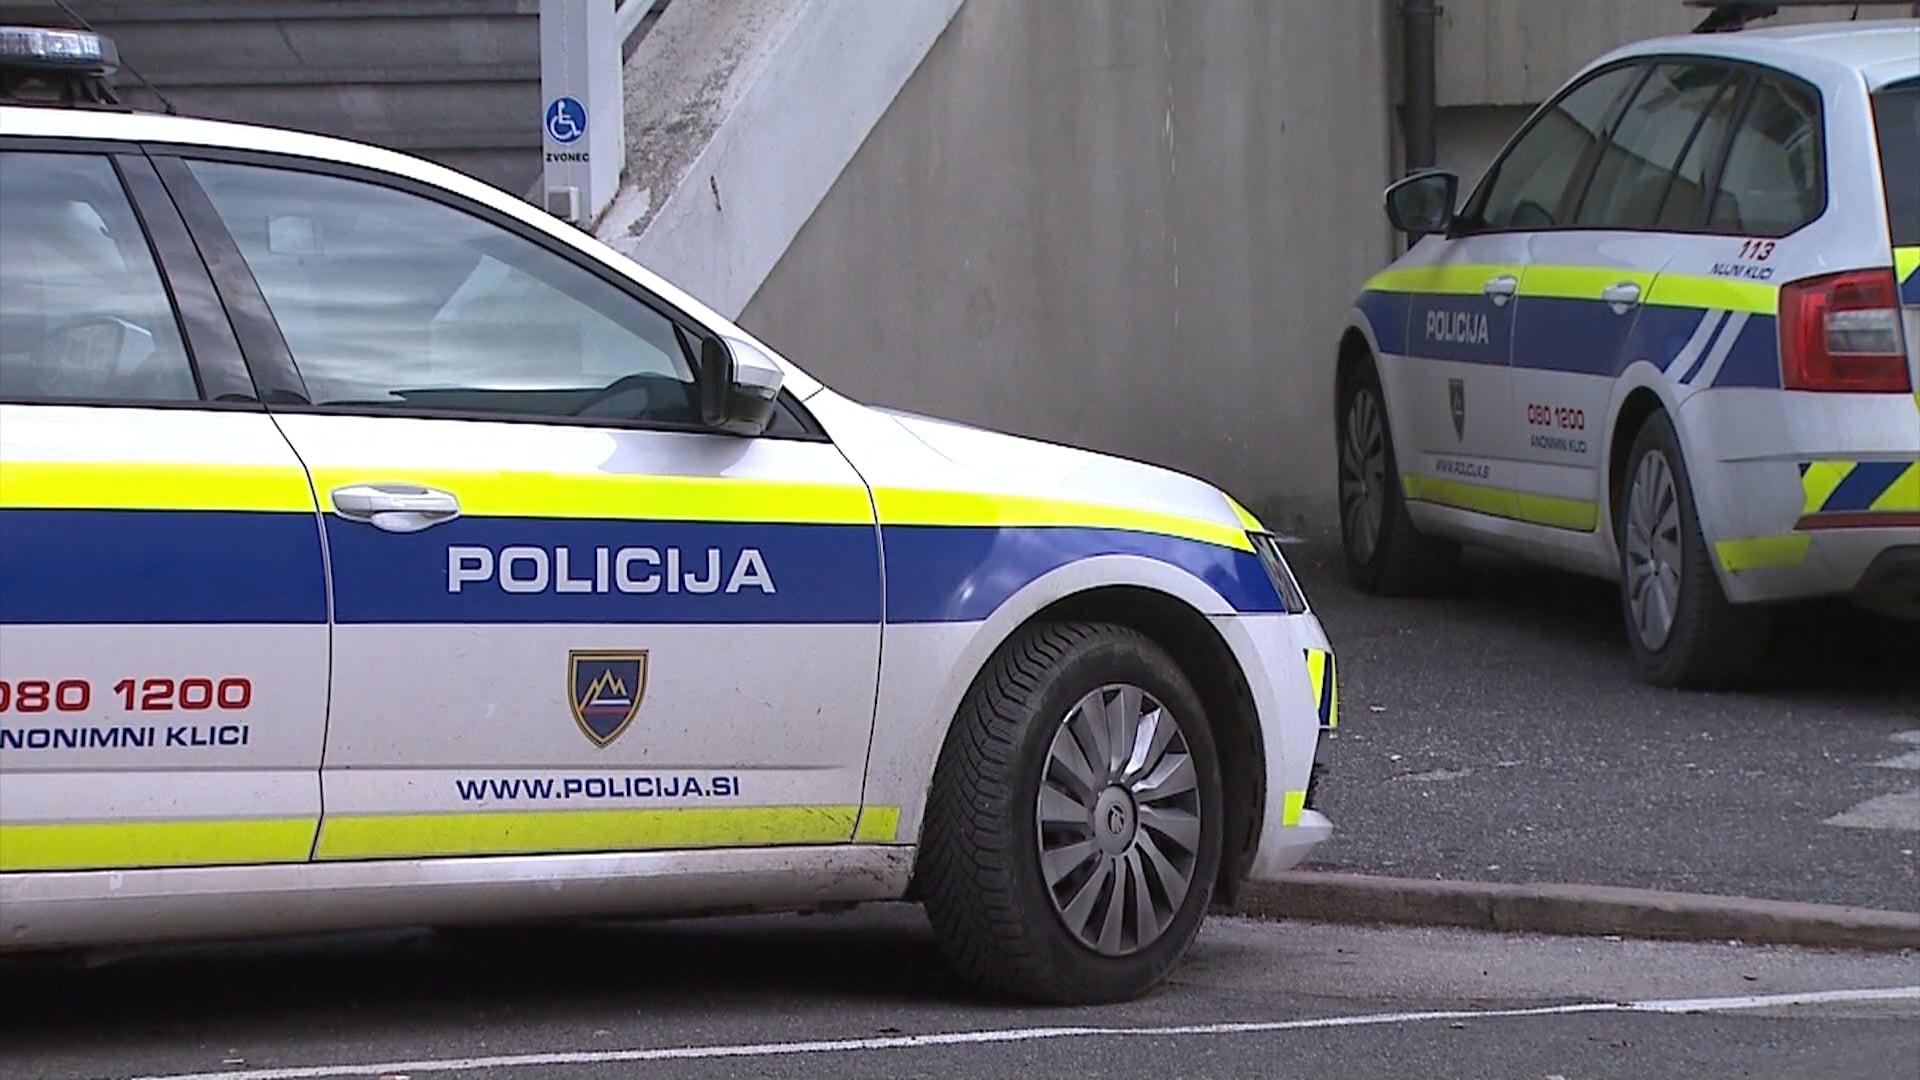 Policisti napovedujejo opozorilno stavko